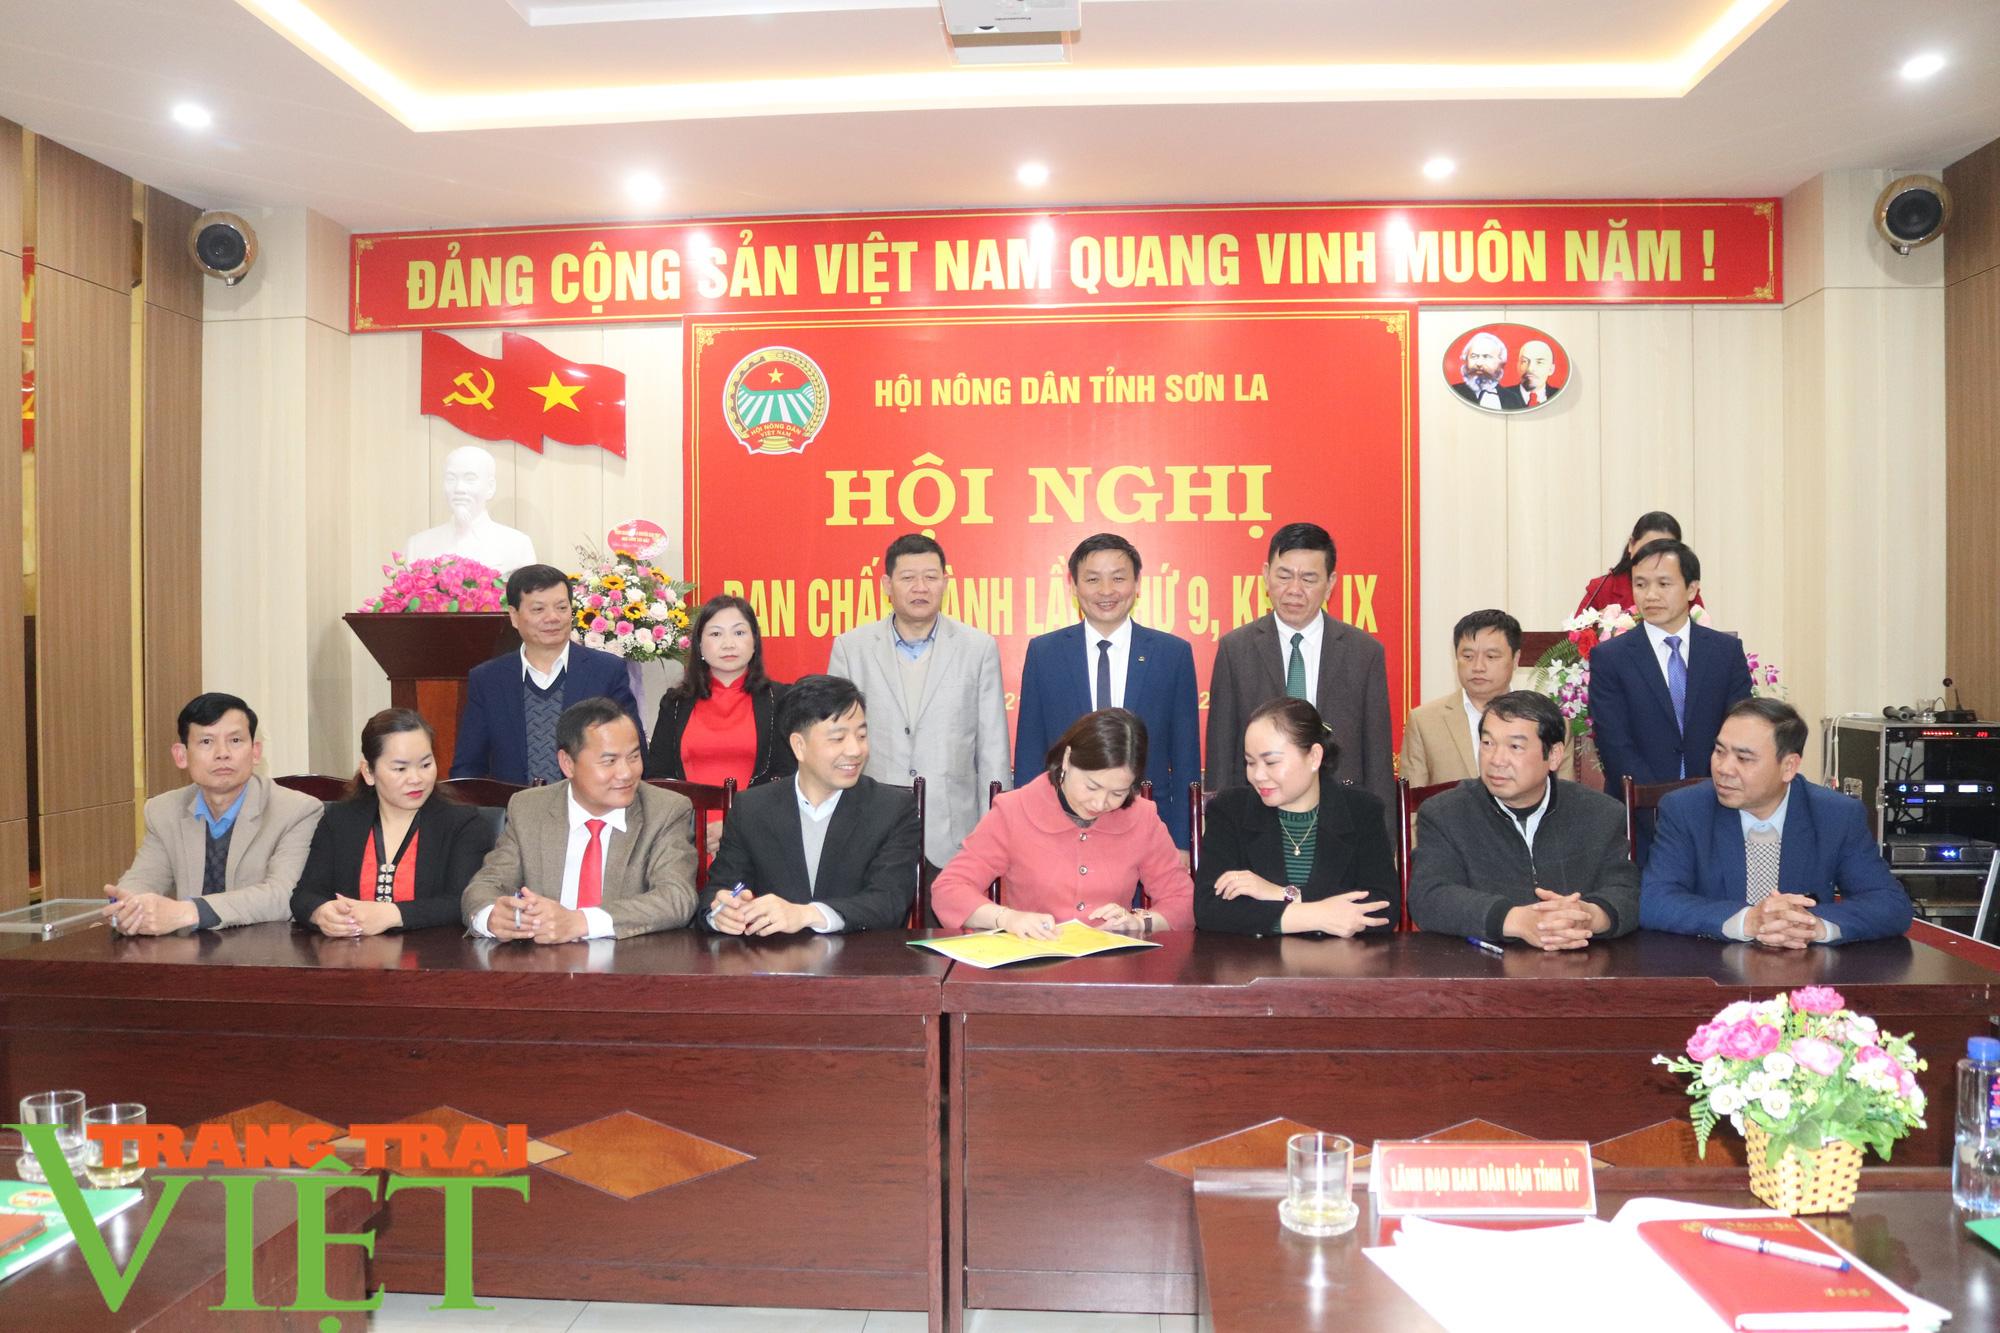 Hội Nông dân tỉnh Sơn La tổ chức Hội nghị Ban Chấp hành Hội Nông dân lần thứ 9, khoá IX - Ảnh 7.